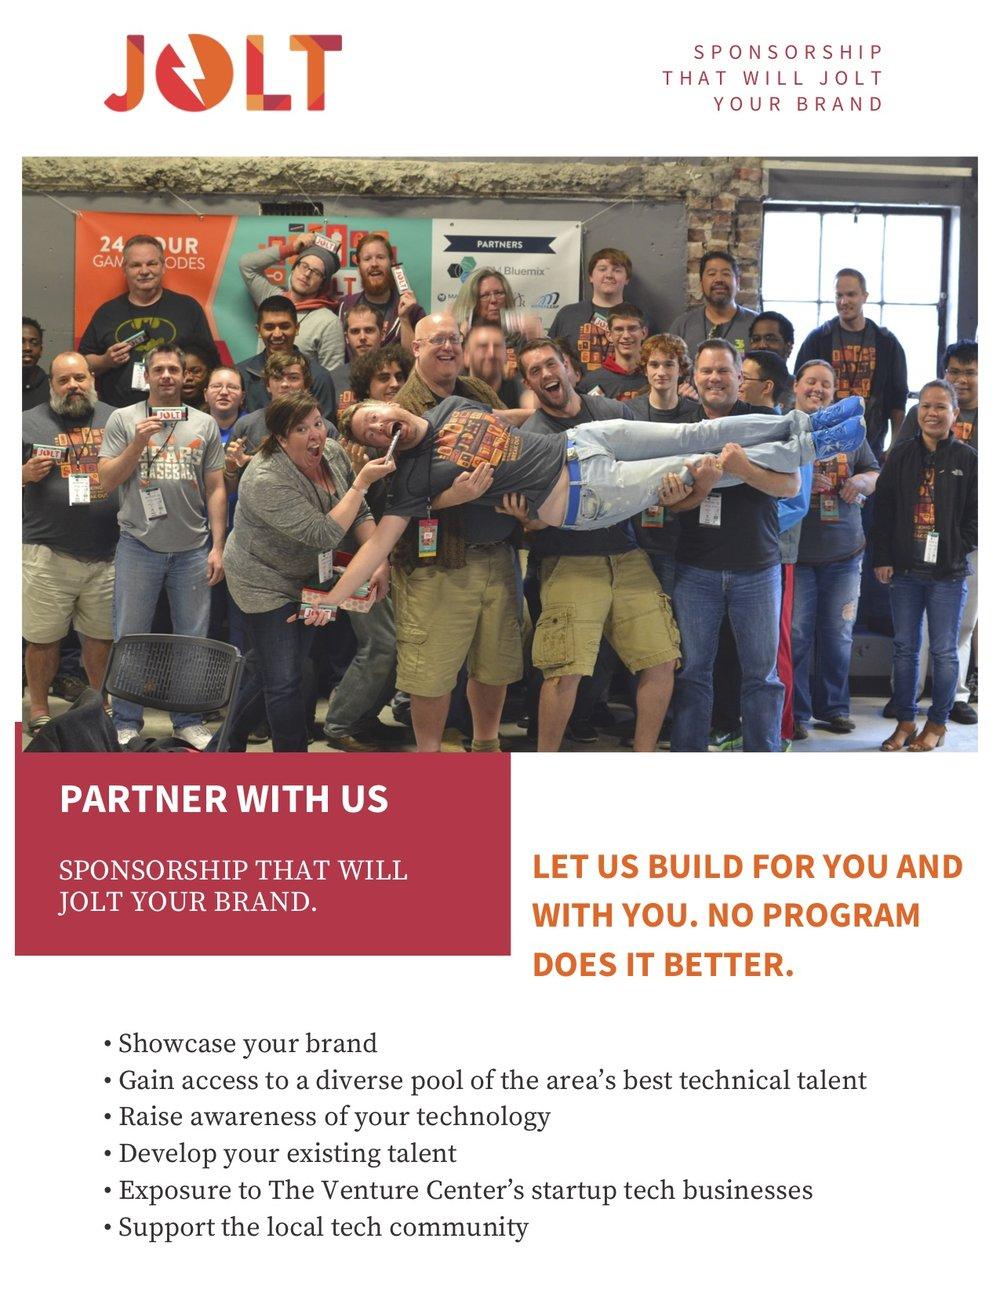 2018 Jolt Sponsorship Opportunities.jpg